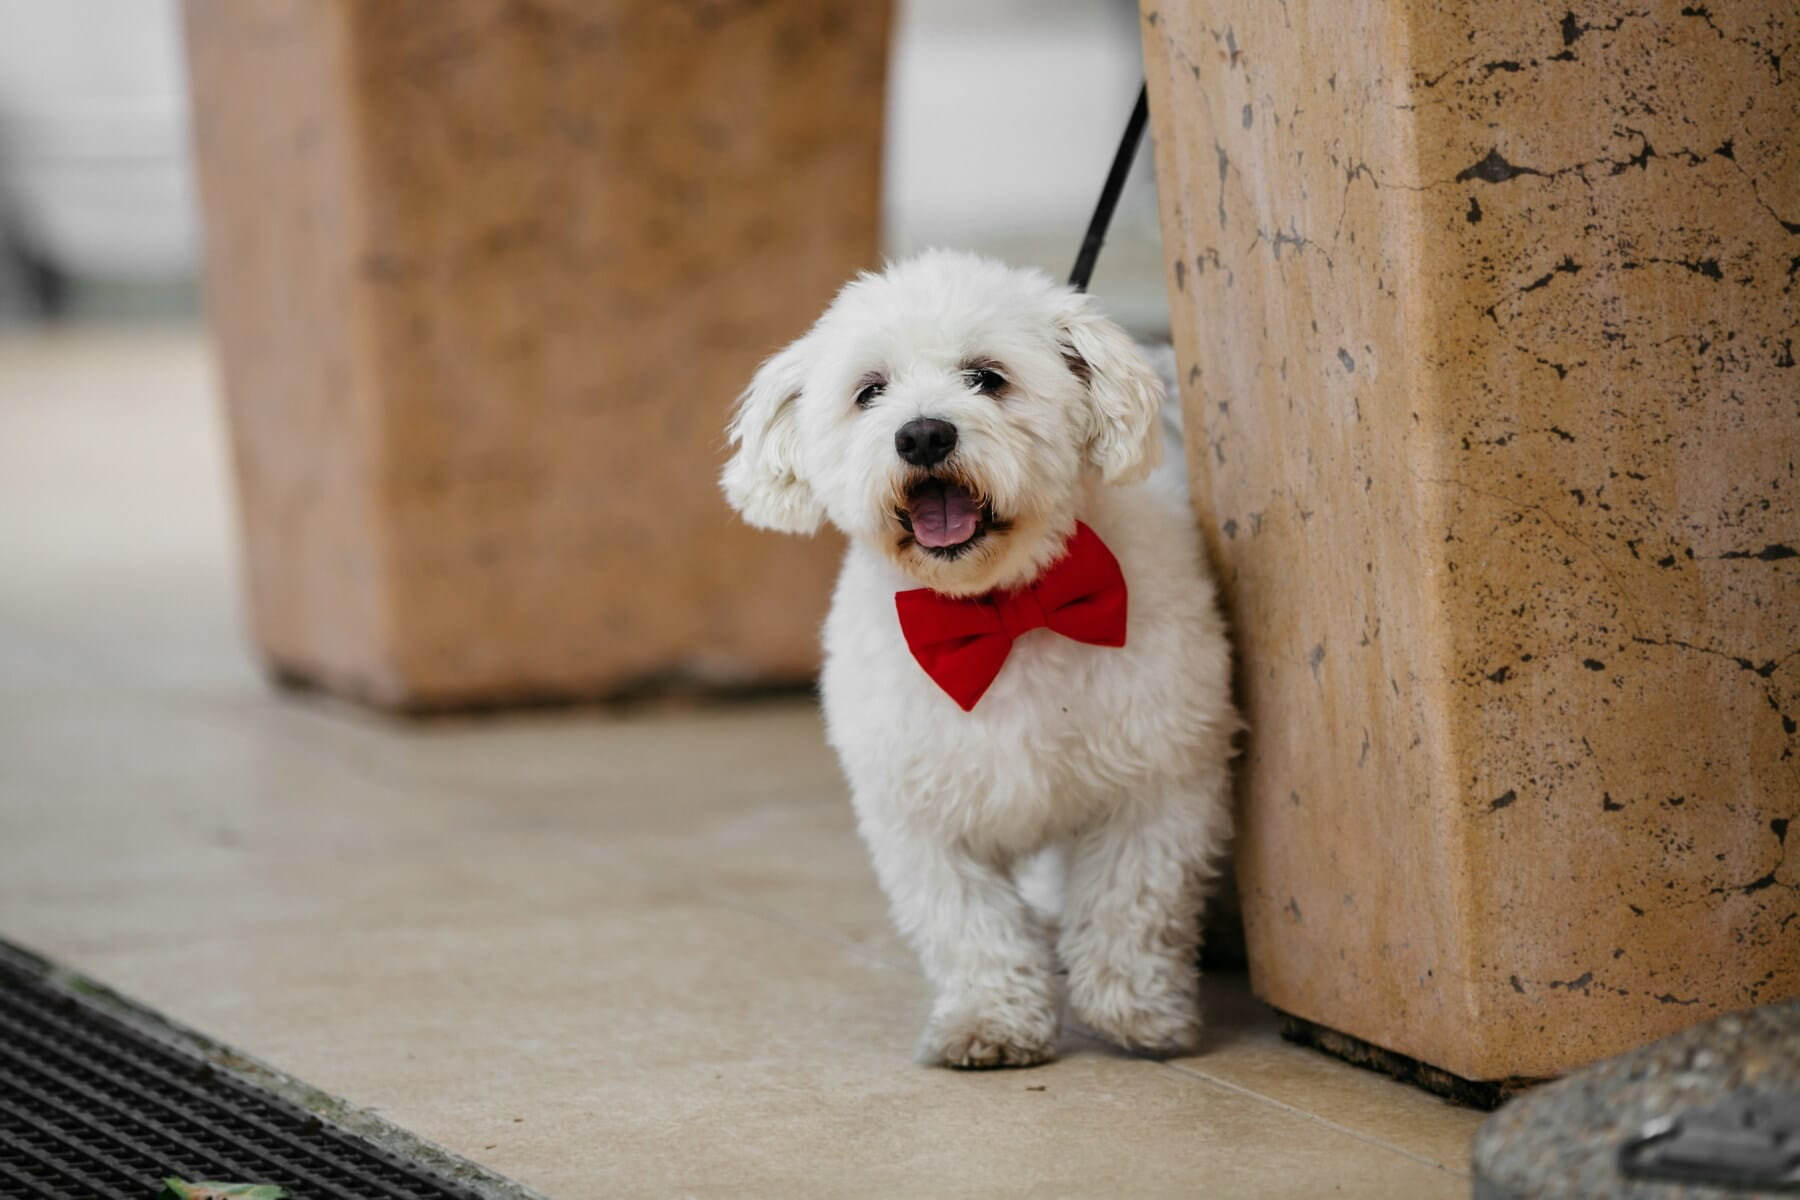 Hund, weiß, Krawatte Schmetterling, rot, Tiere, lustig, niedlich, Welpe, Eckzahn, Haustier